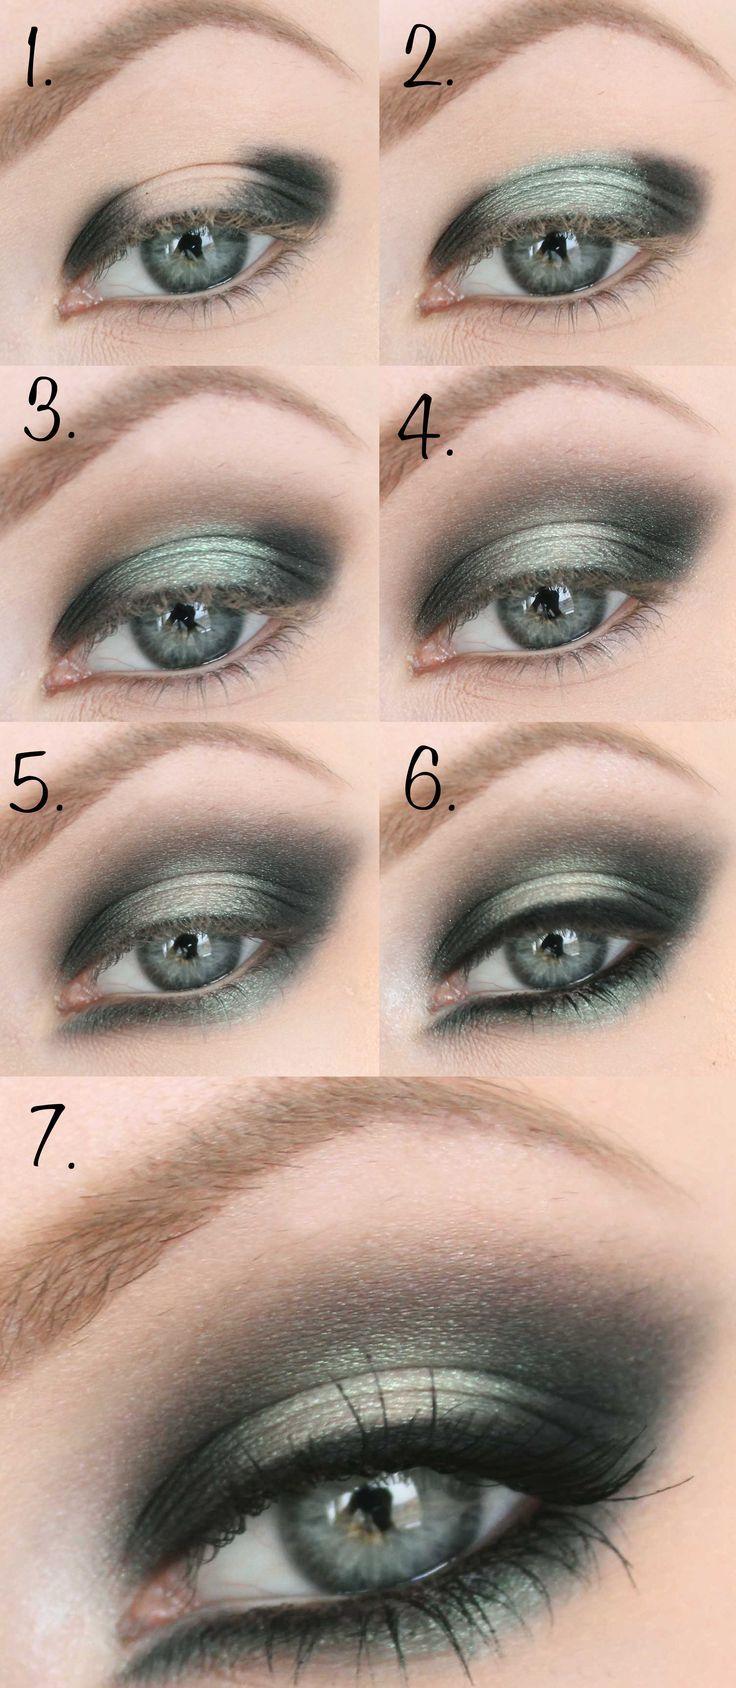 5 Temel Göz Makyajı Tekniği İle Farklı Bakışlar